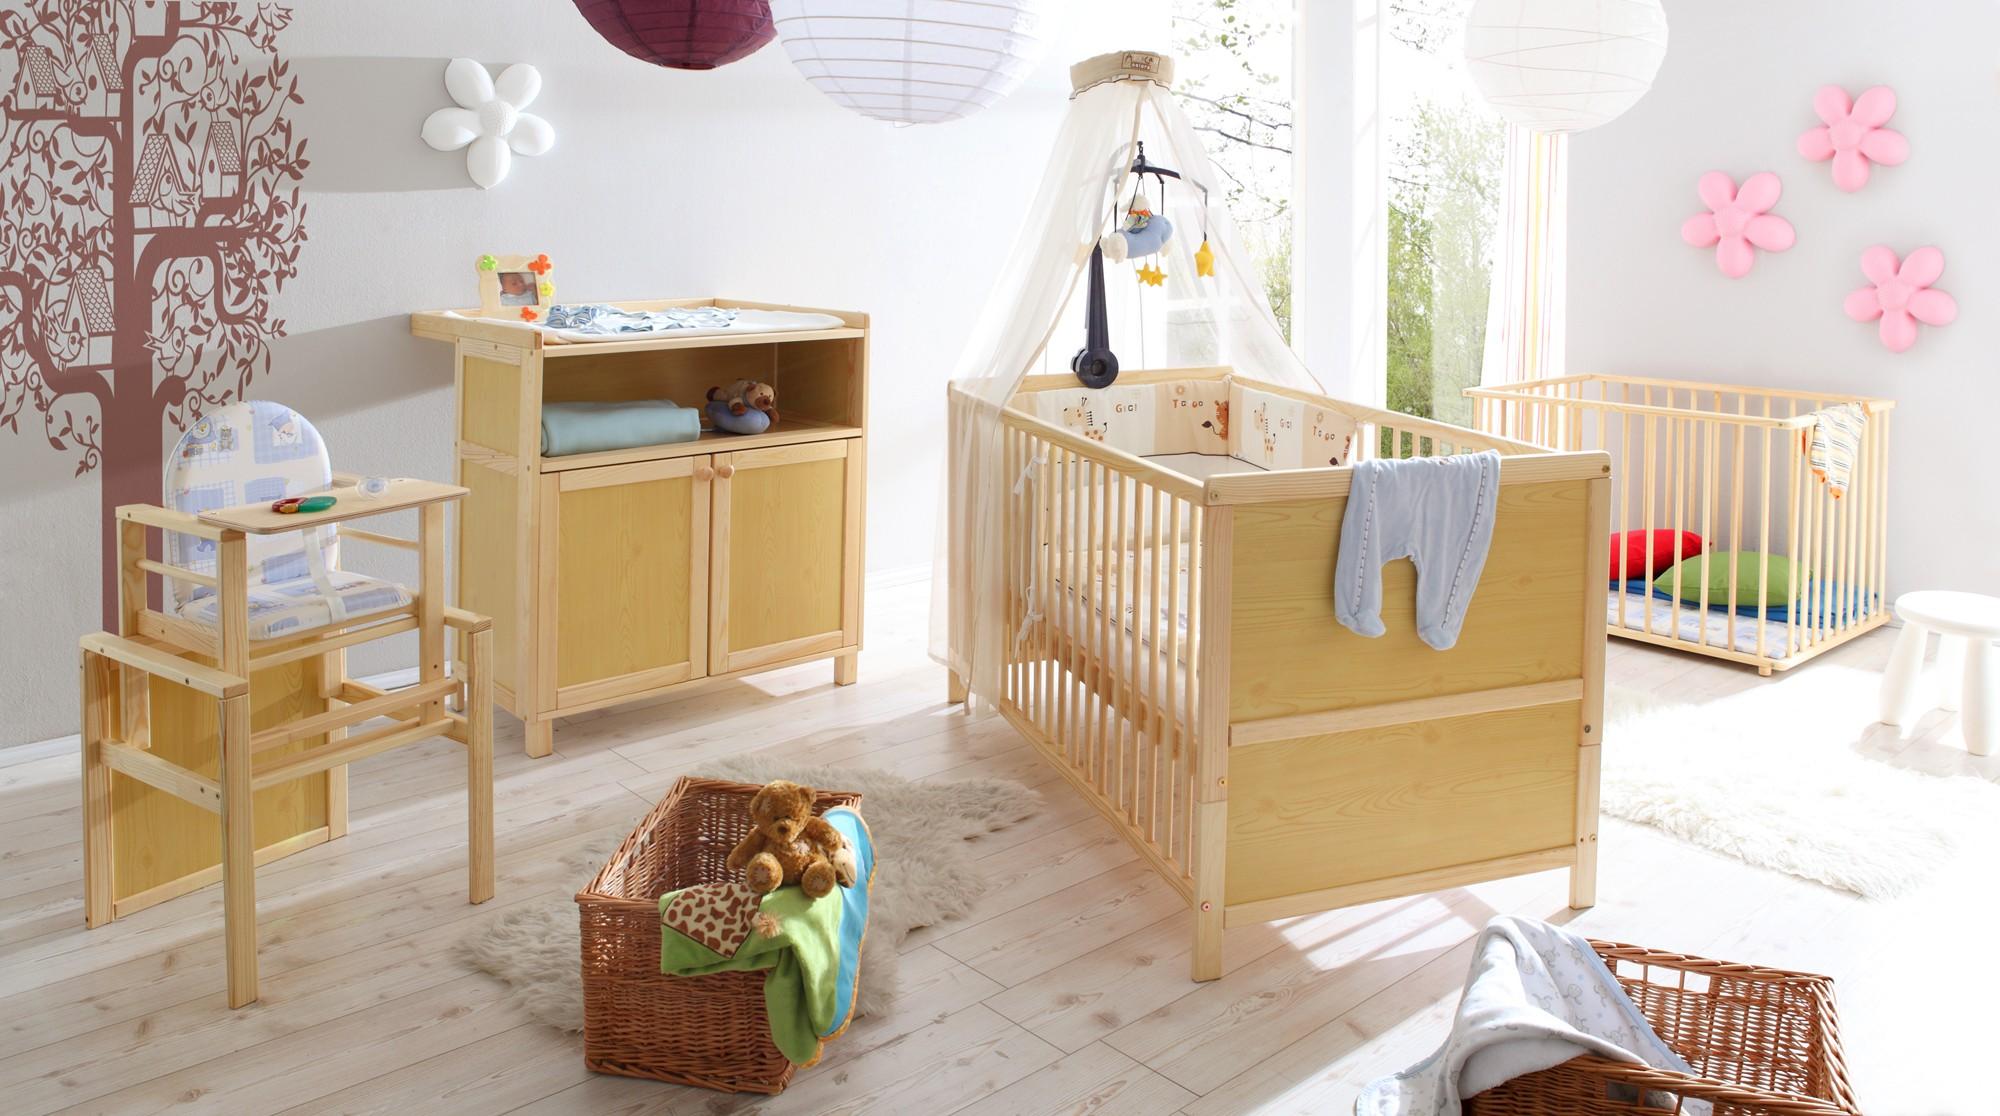 Babyzimmer 4 Teilig Mod 836243 Kiefer Natur H C Mobel